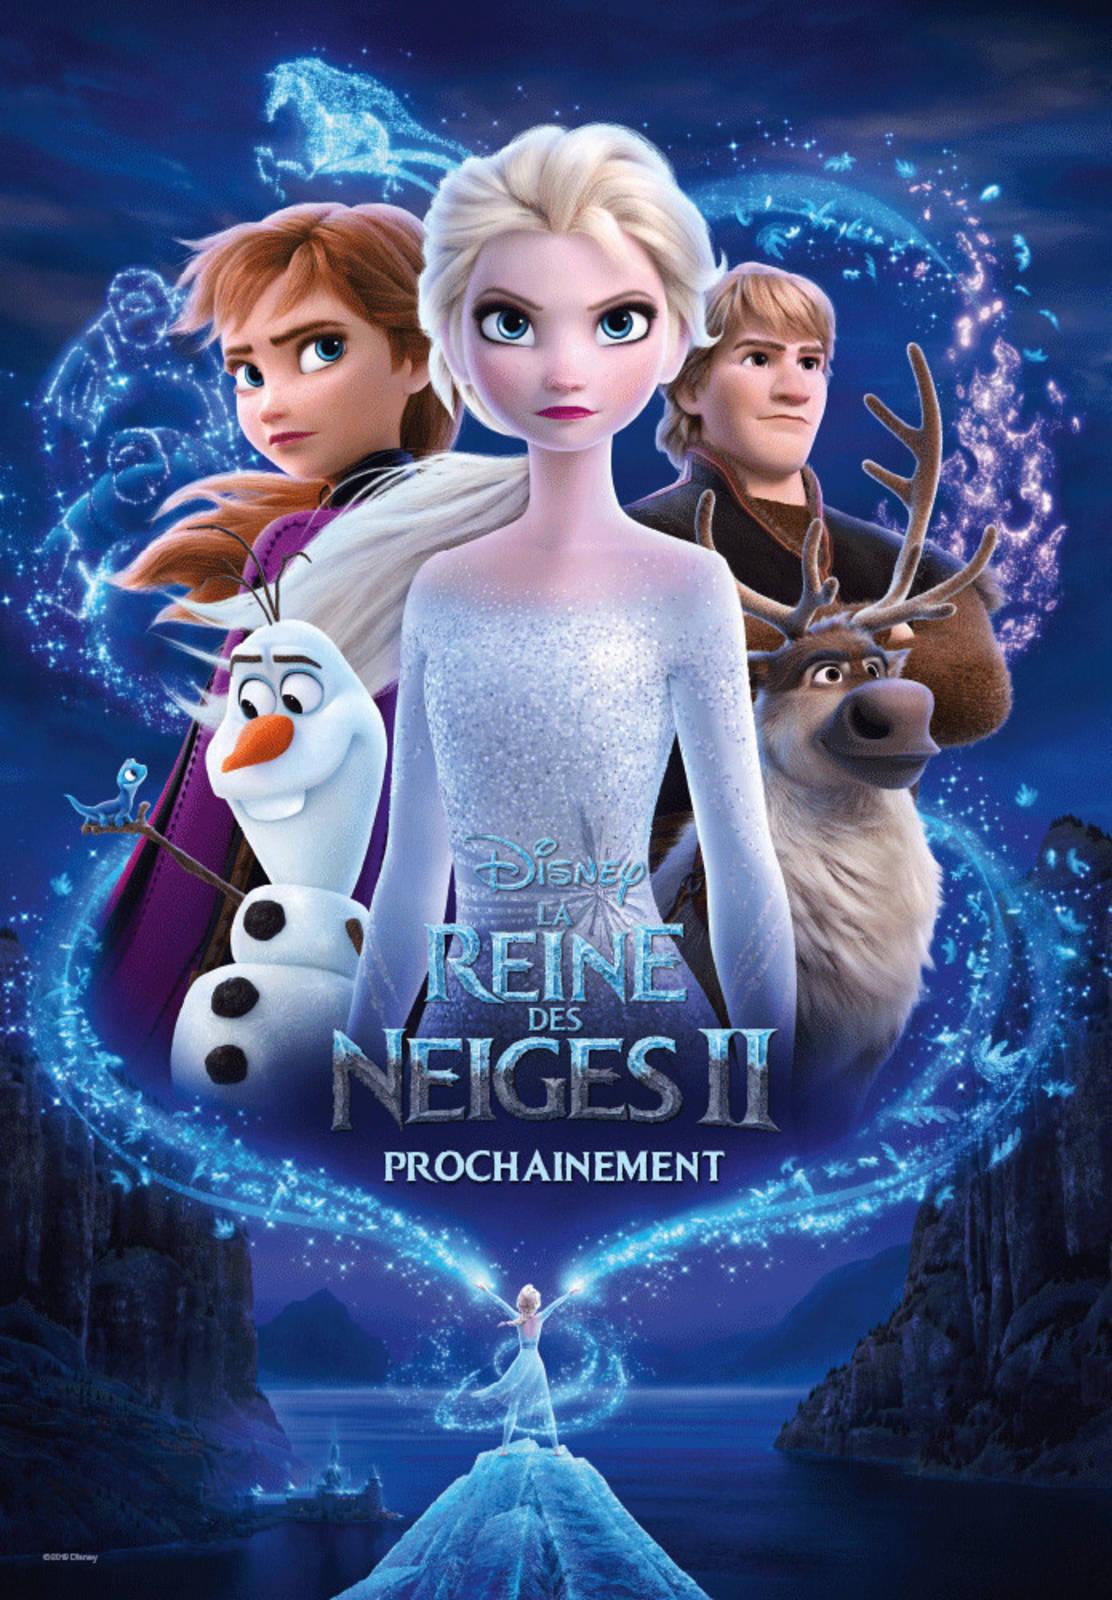 Reine des neiges 2